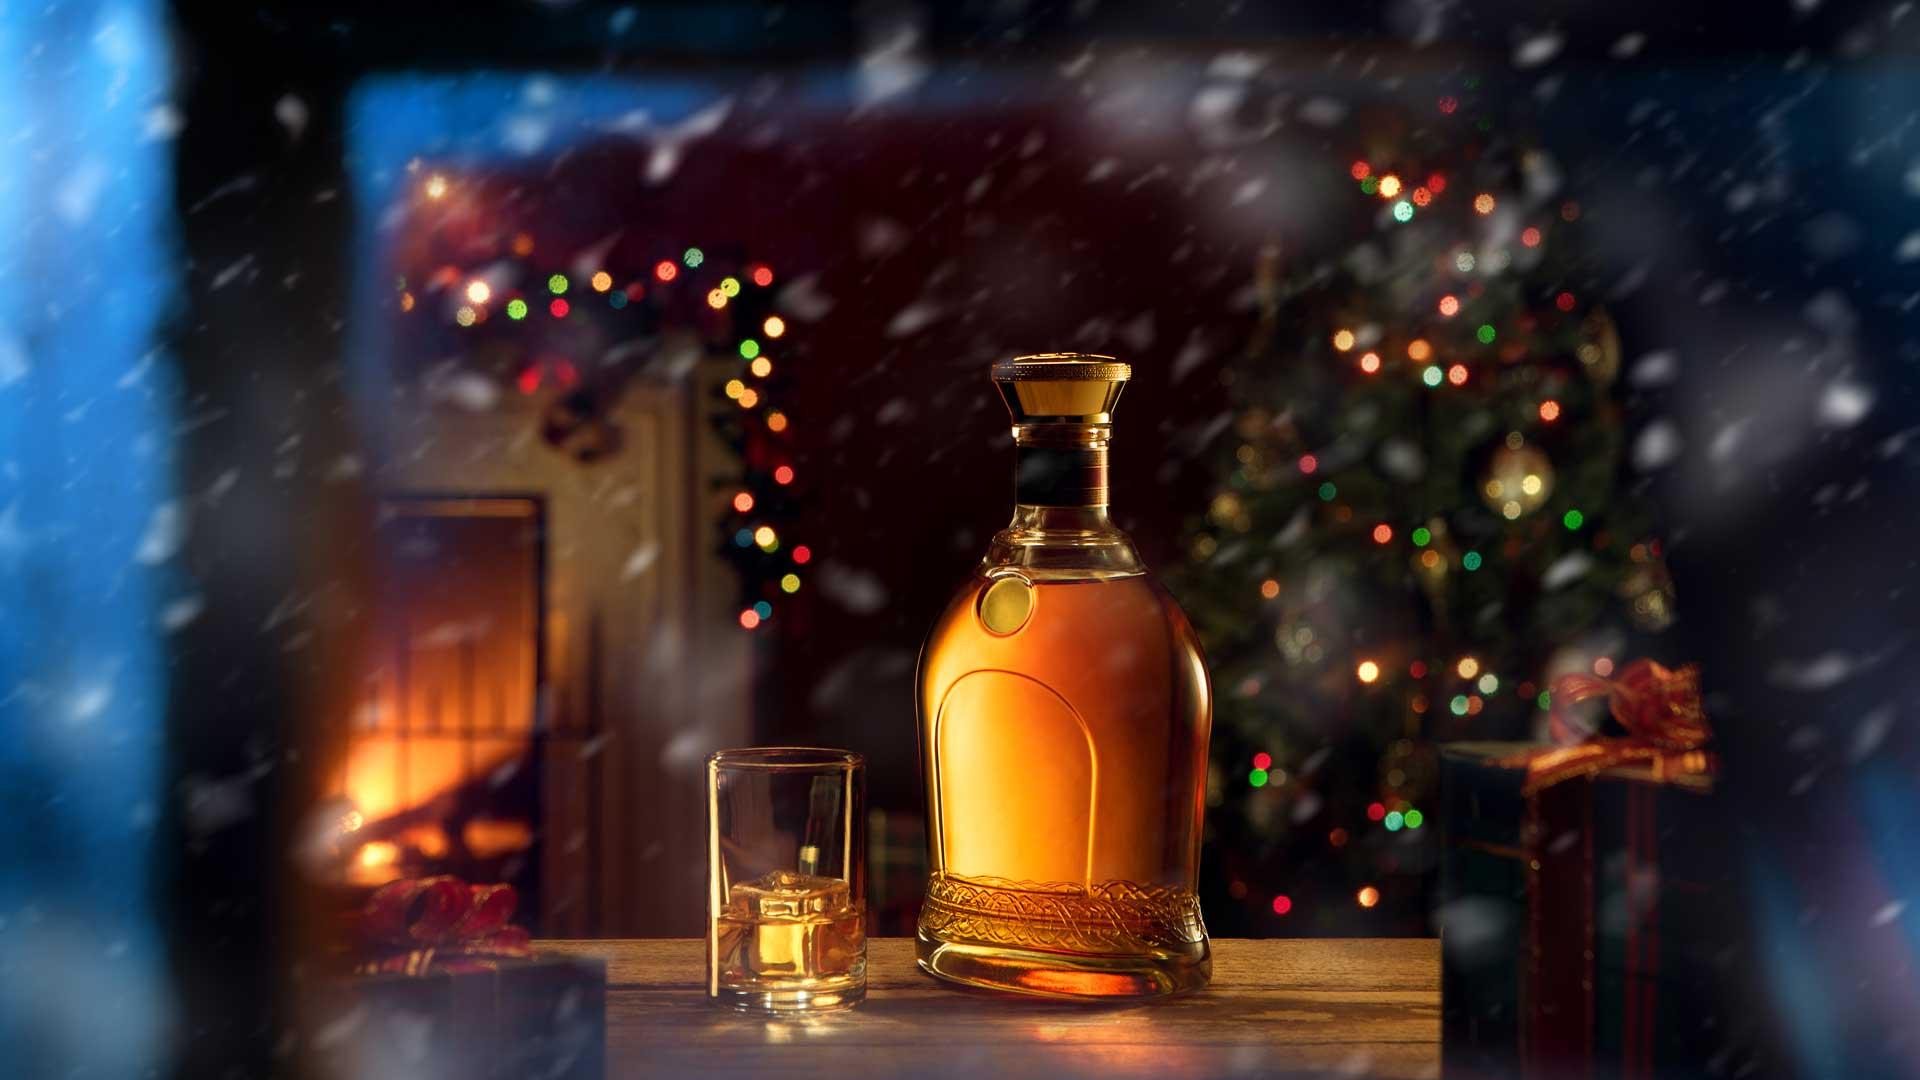 Regali-di-Natale-2020-spirits-alcolici-cocktail-kit-Coqtail-Milano